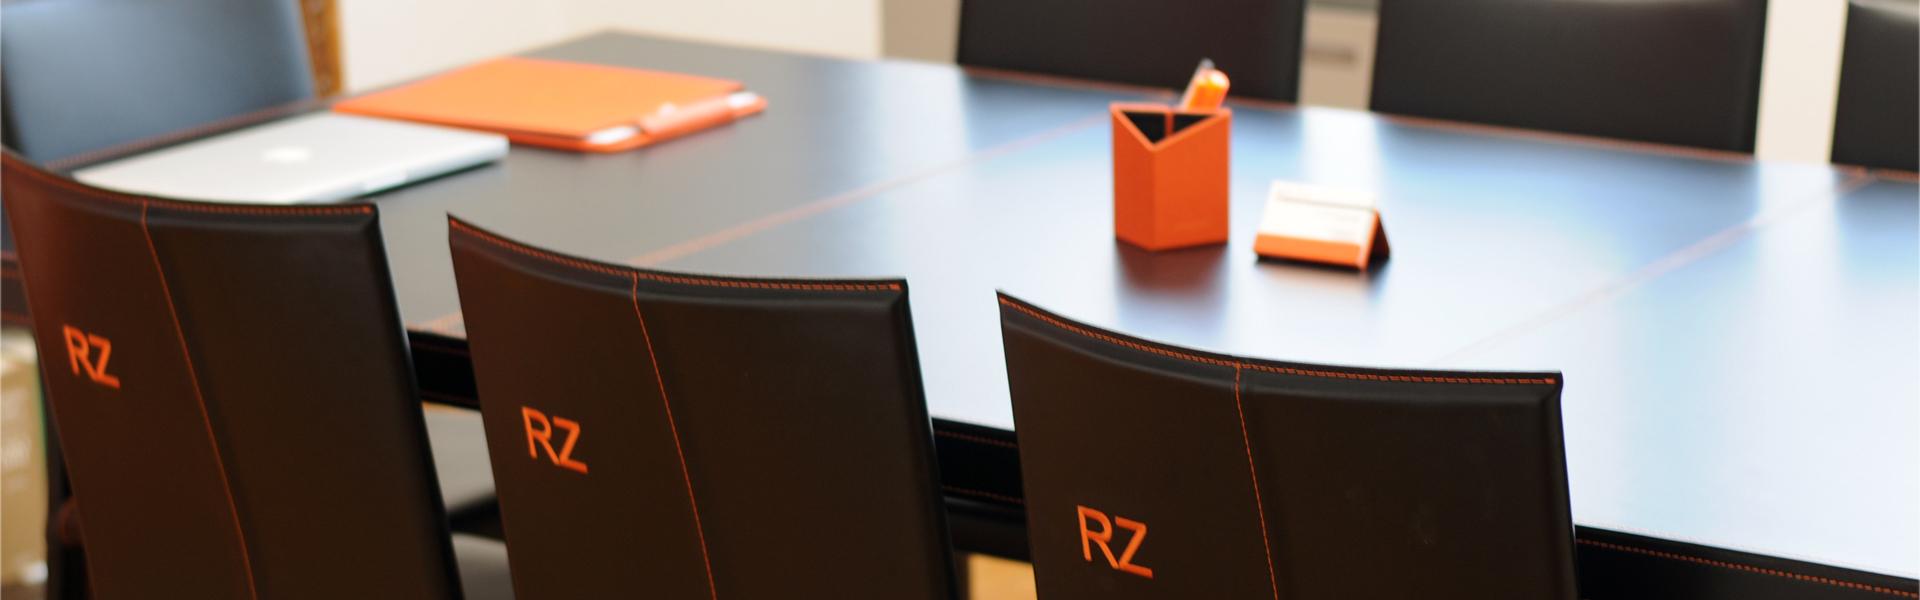 RzLex studio legale consulenze bancarie finanziarie ristrutturazione del debito